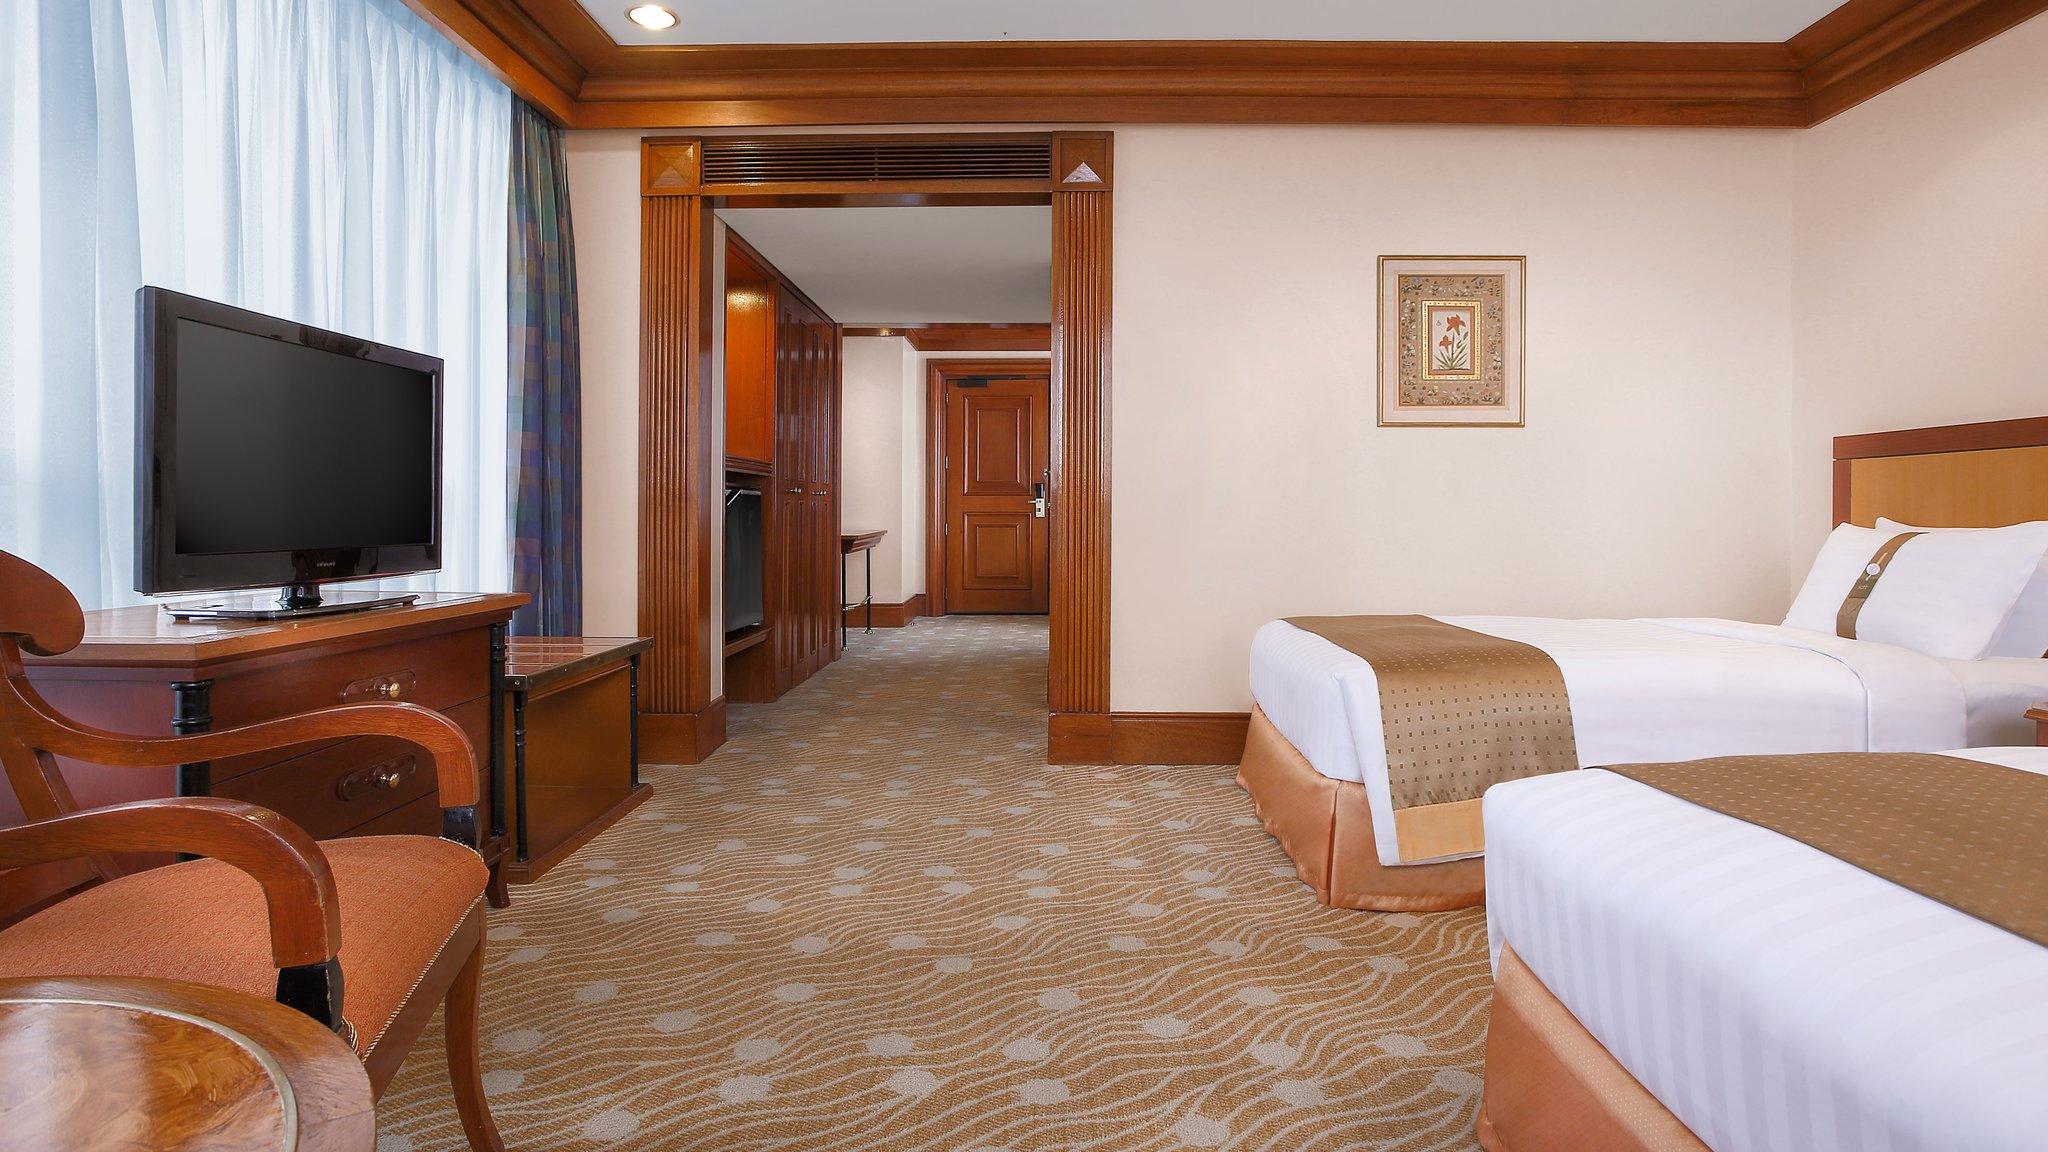 Holiday Inn Galleria